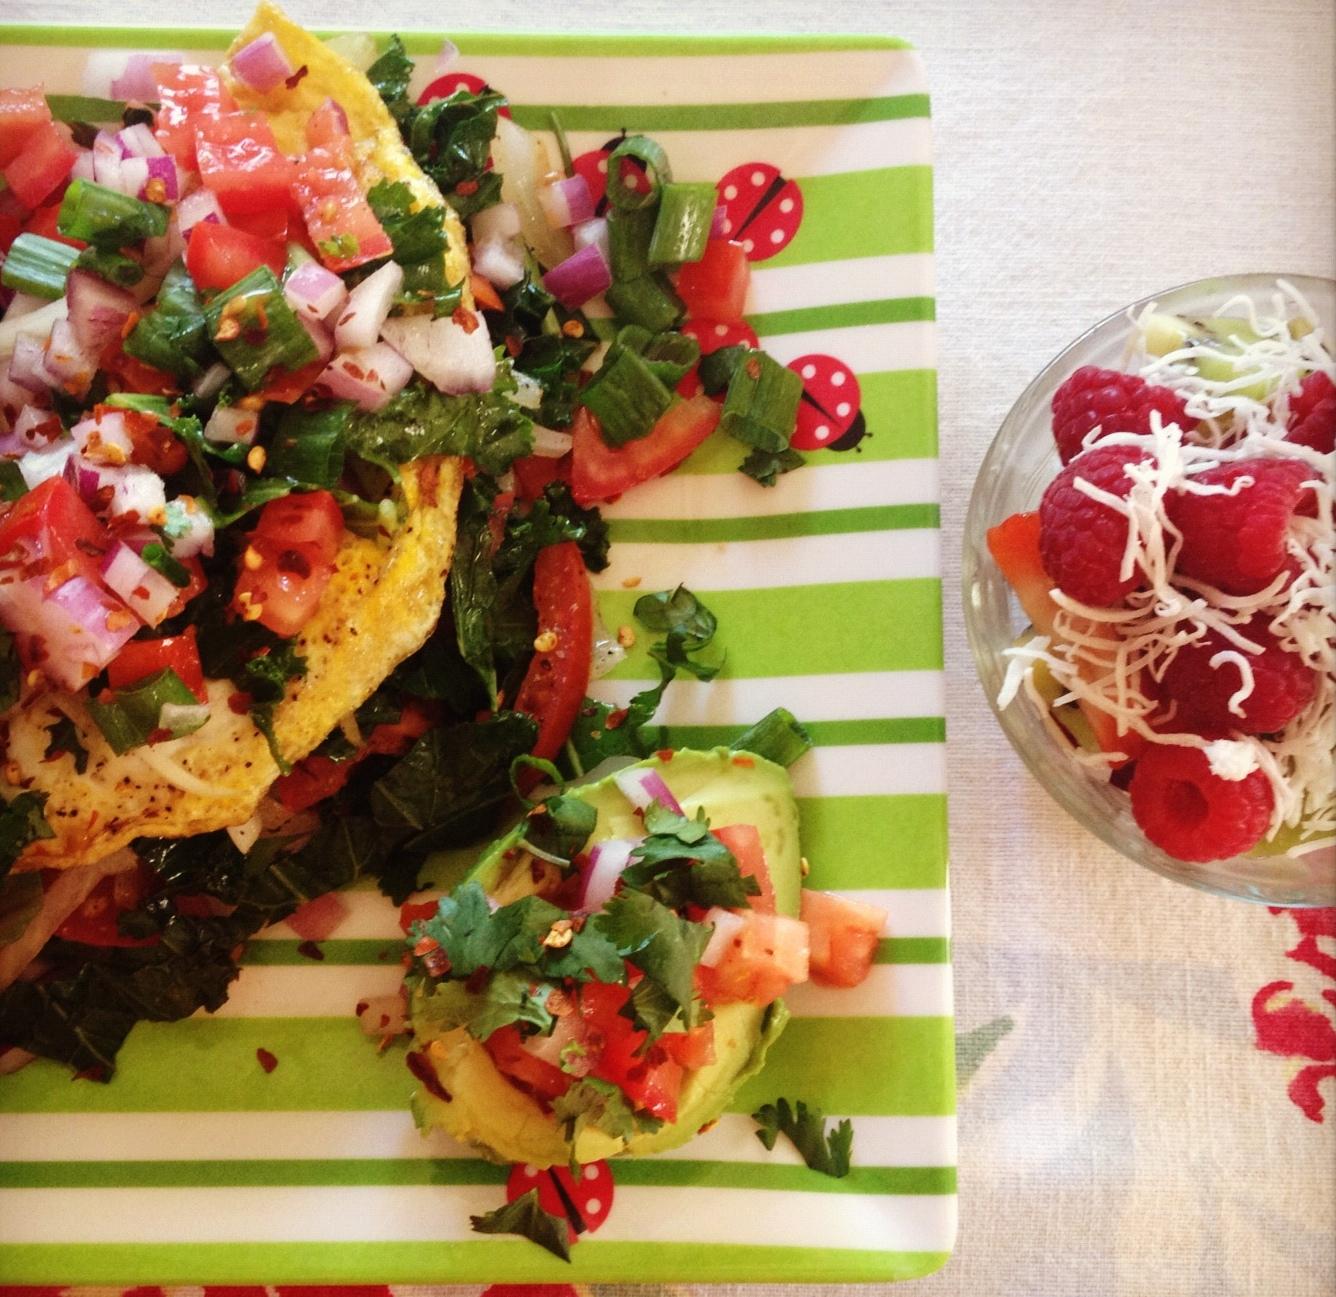 Guacamole Omelette With Salsa Recipes — Dishmaps